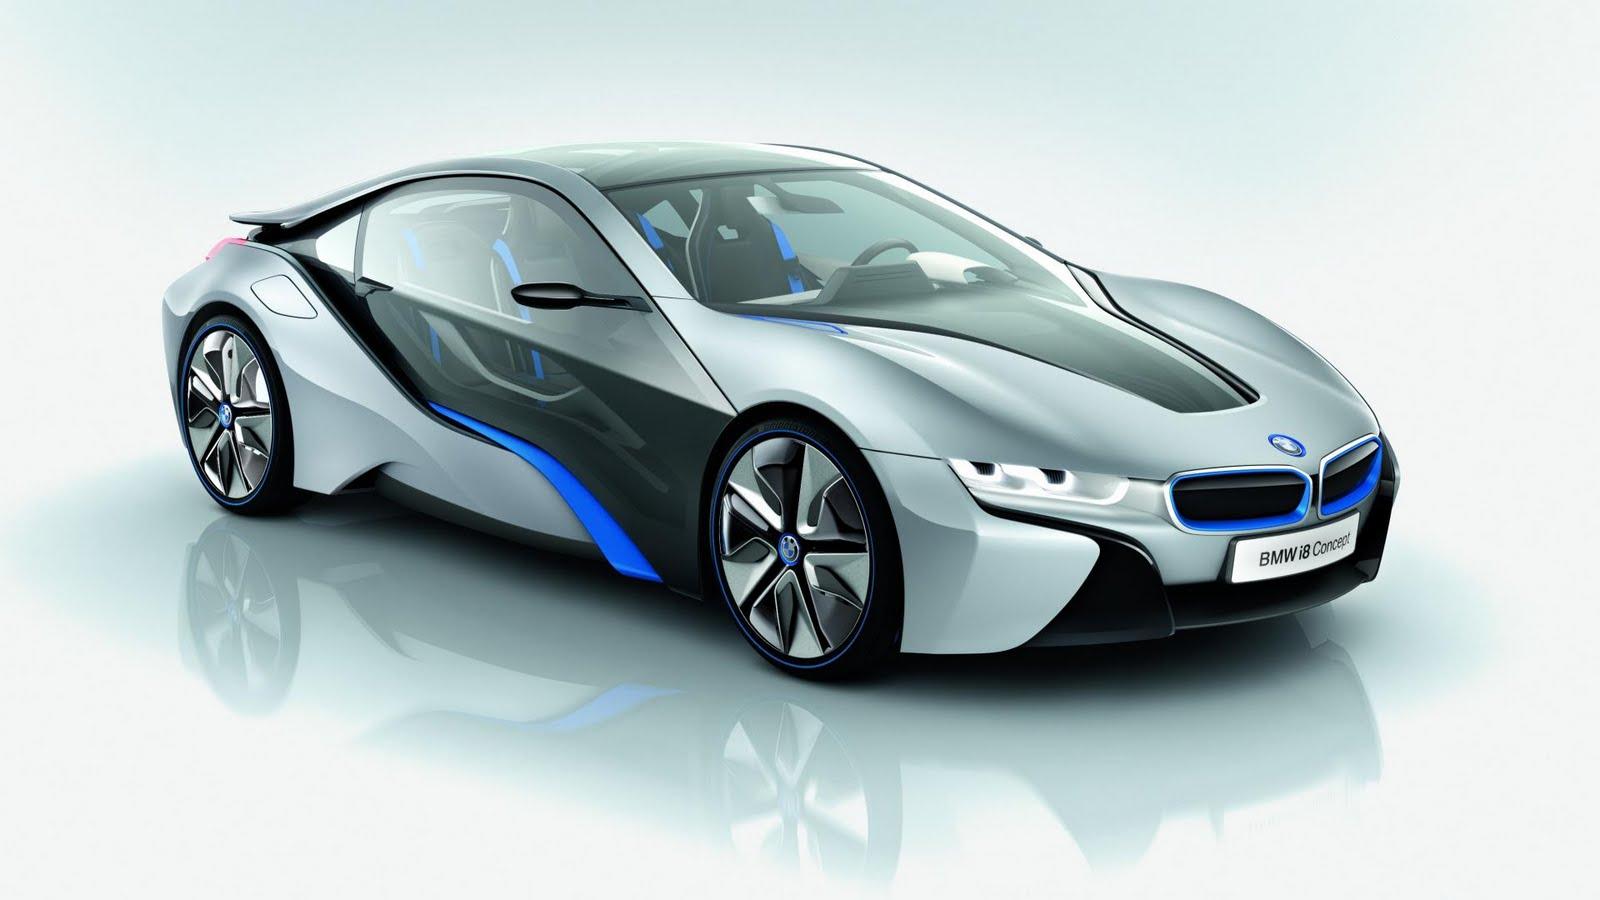 http://1.bp.blogspot.com/-7gq5zShAf3M/TvMmd_wc8dI/AAAAAAAACFo/gCQfbzCSSKE/s1600/BMW_i8_Concept-2012-Image-016.jpg